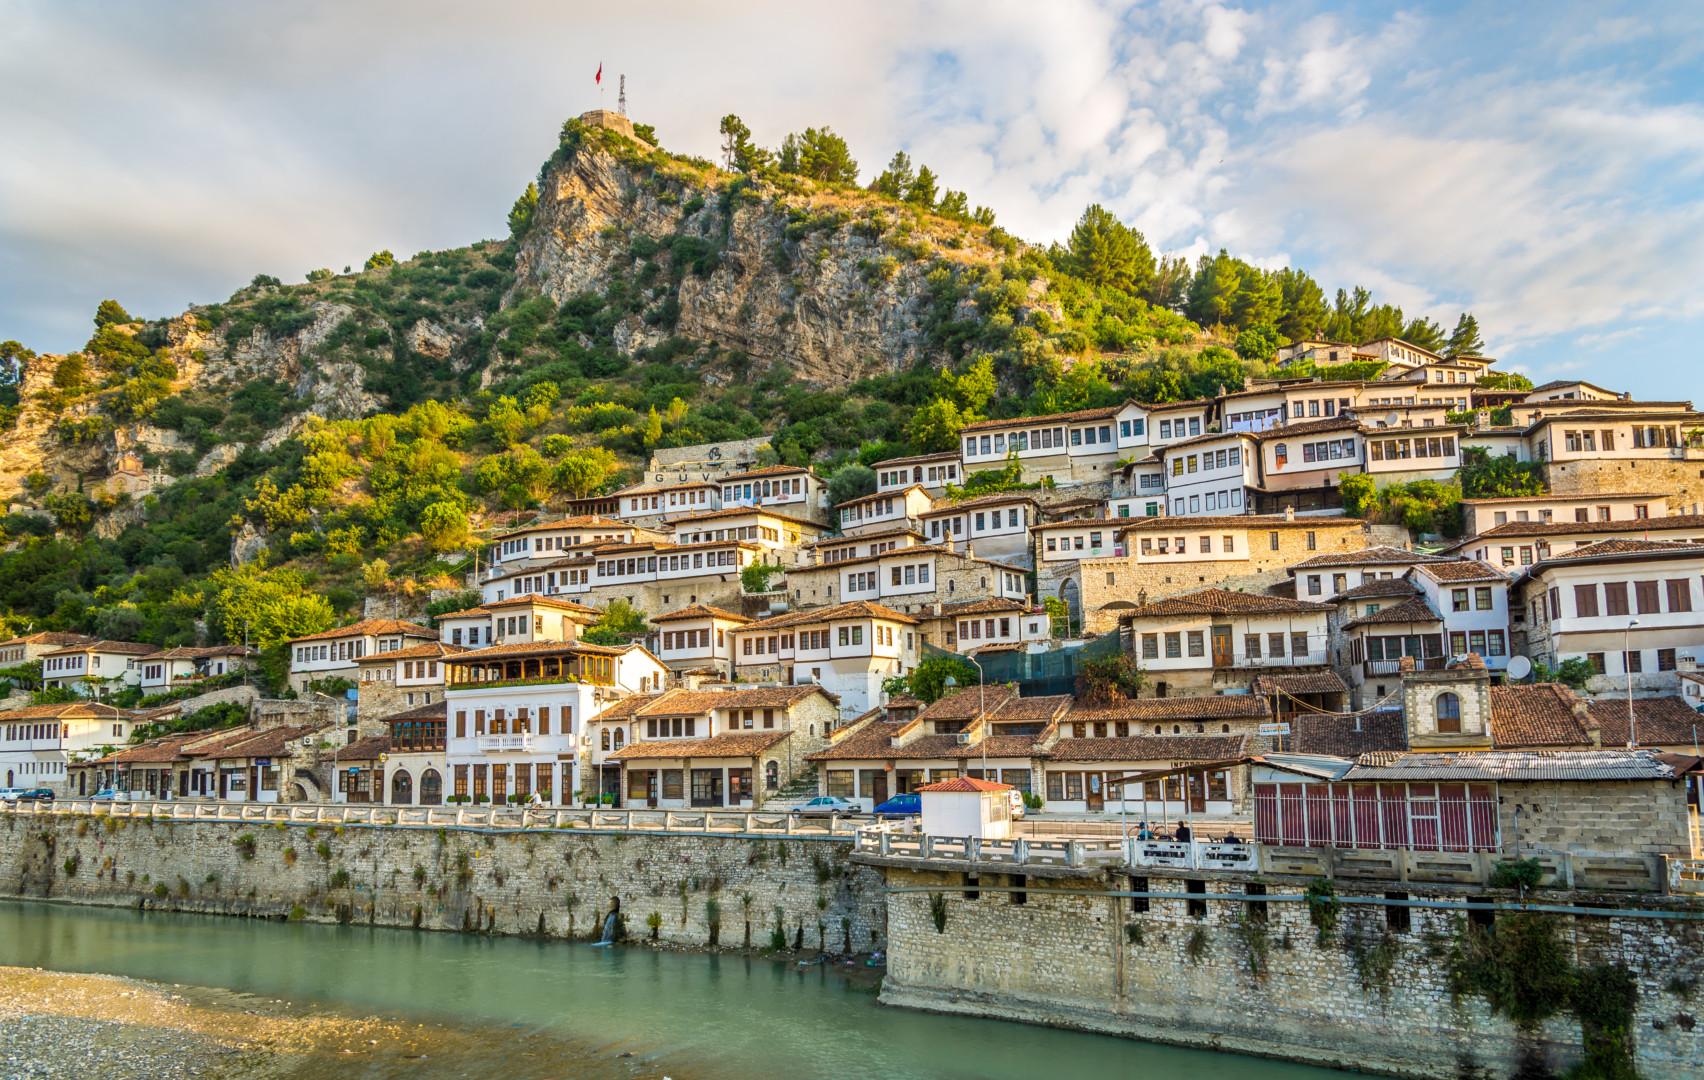 阿爾巴尼亞中南部的培拉特,至今保存相當完整的排屋建築。(Shutterstock)